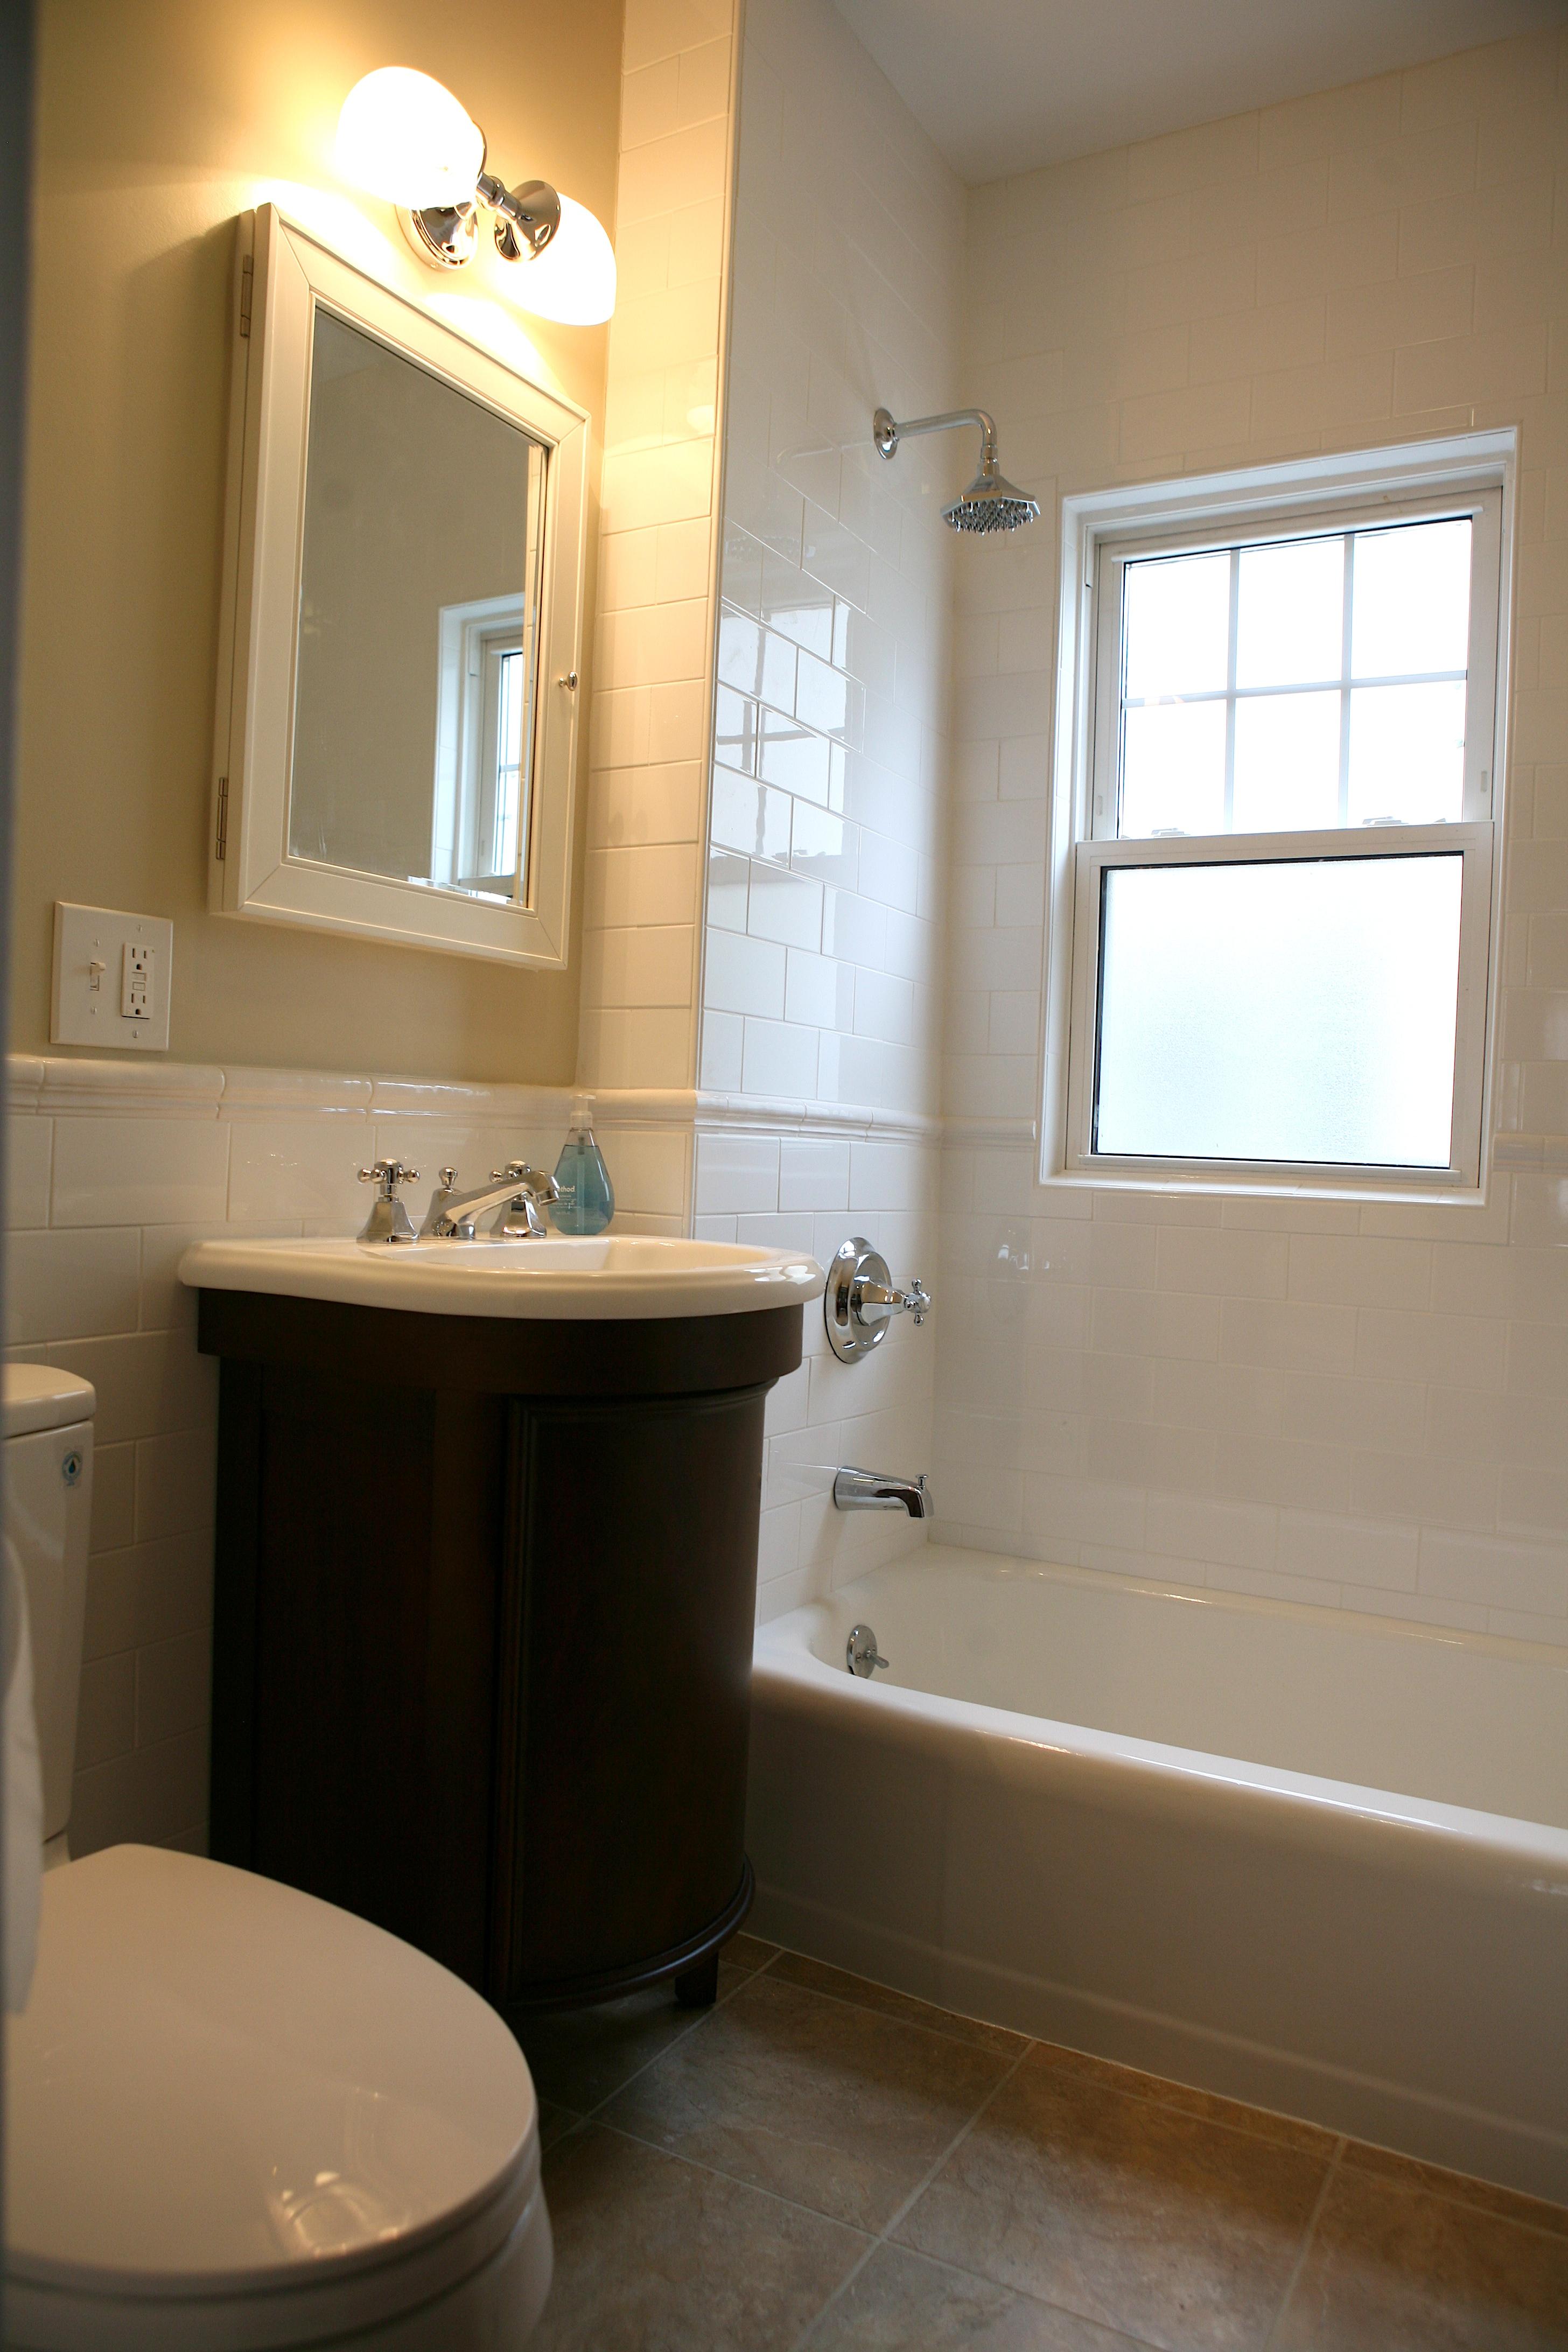 large subway tile bathroom joy studio design gallery. Black Bedroom Furniture Sets. Home Design Ideas